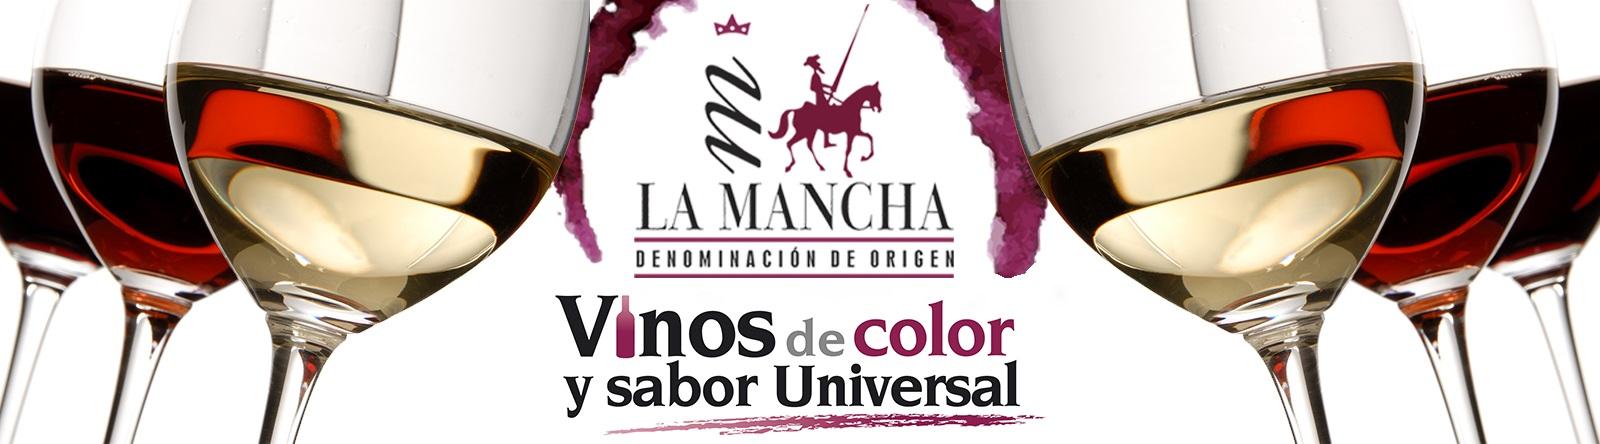 DO La Mancha vinos con excelencia